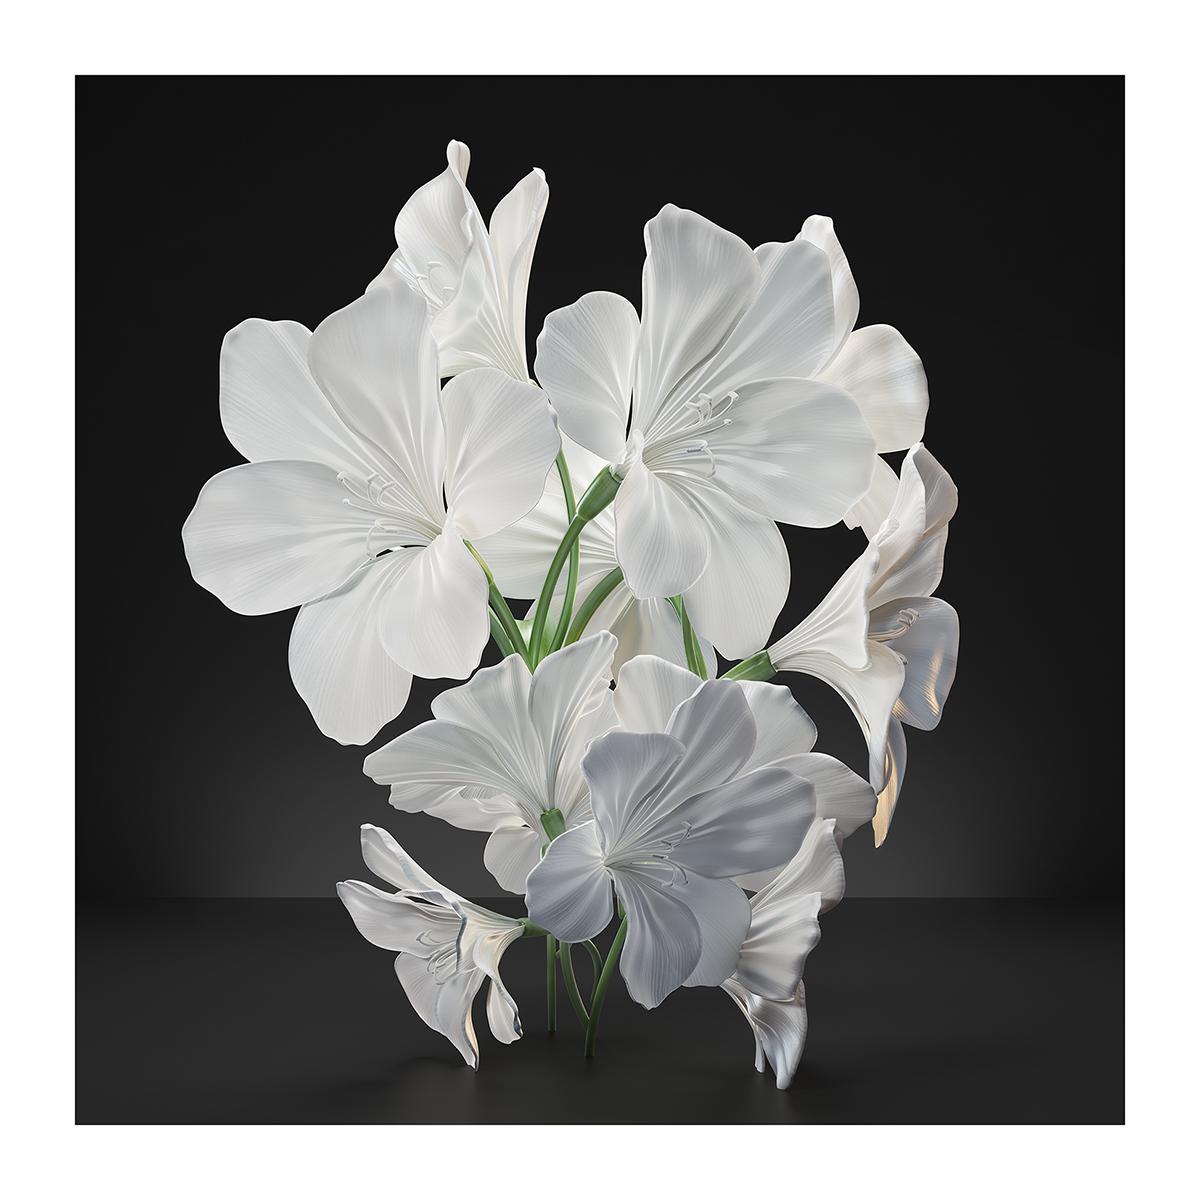 315 Virtual Flowers 2021 I 001 - 2021 - Virtual Flowers. 2021. I